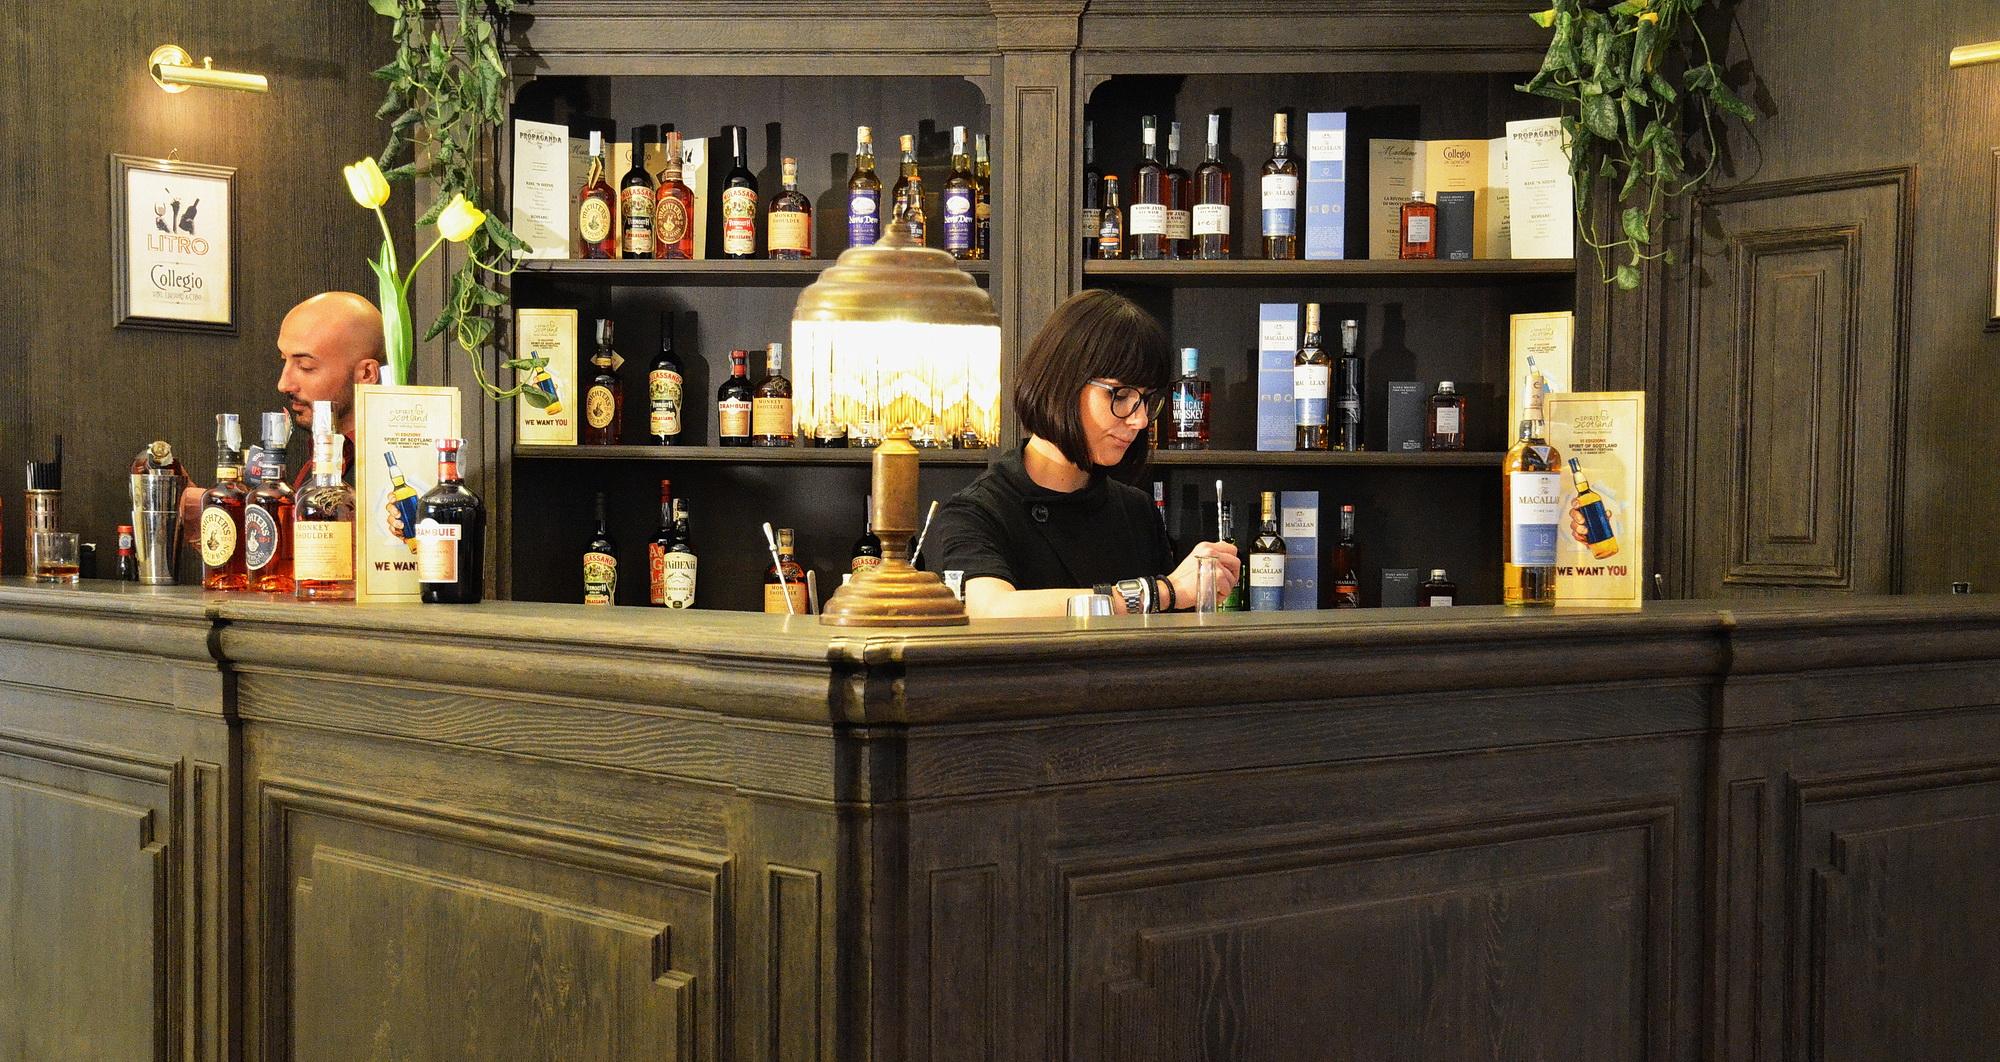 Un angolo bar al rome whisky festival 2017 bottega del fusto for Arredamento angolo bar